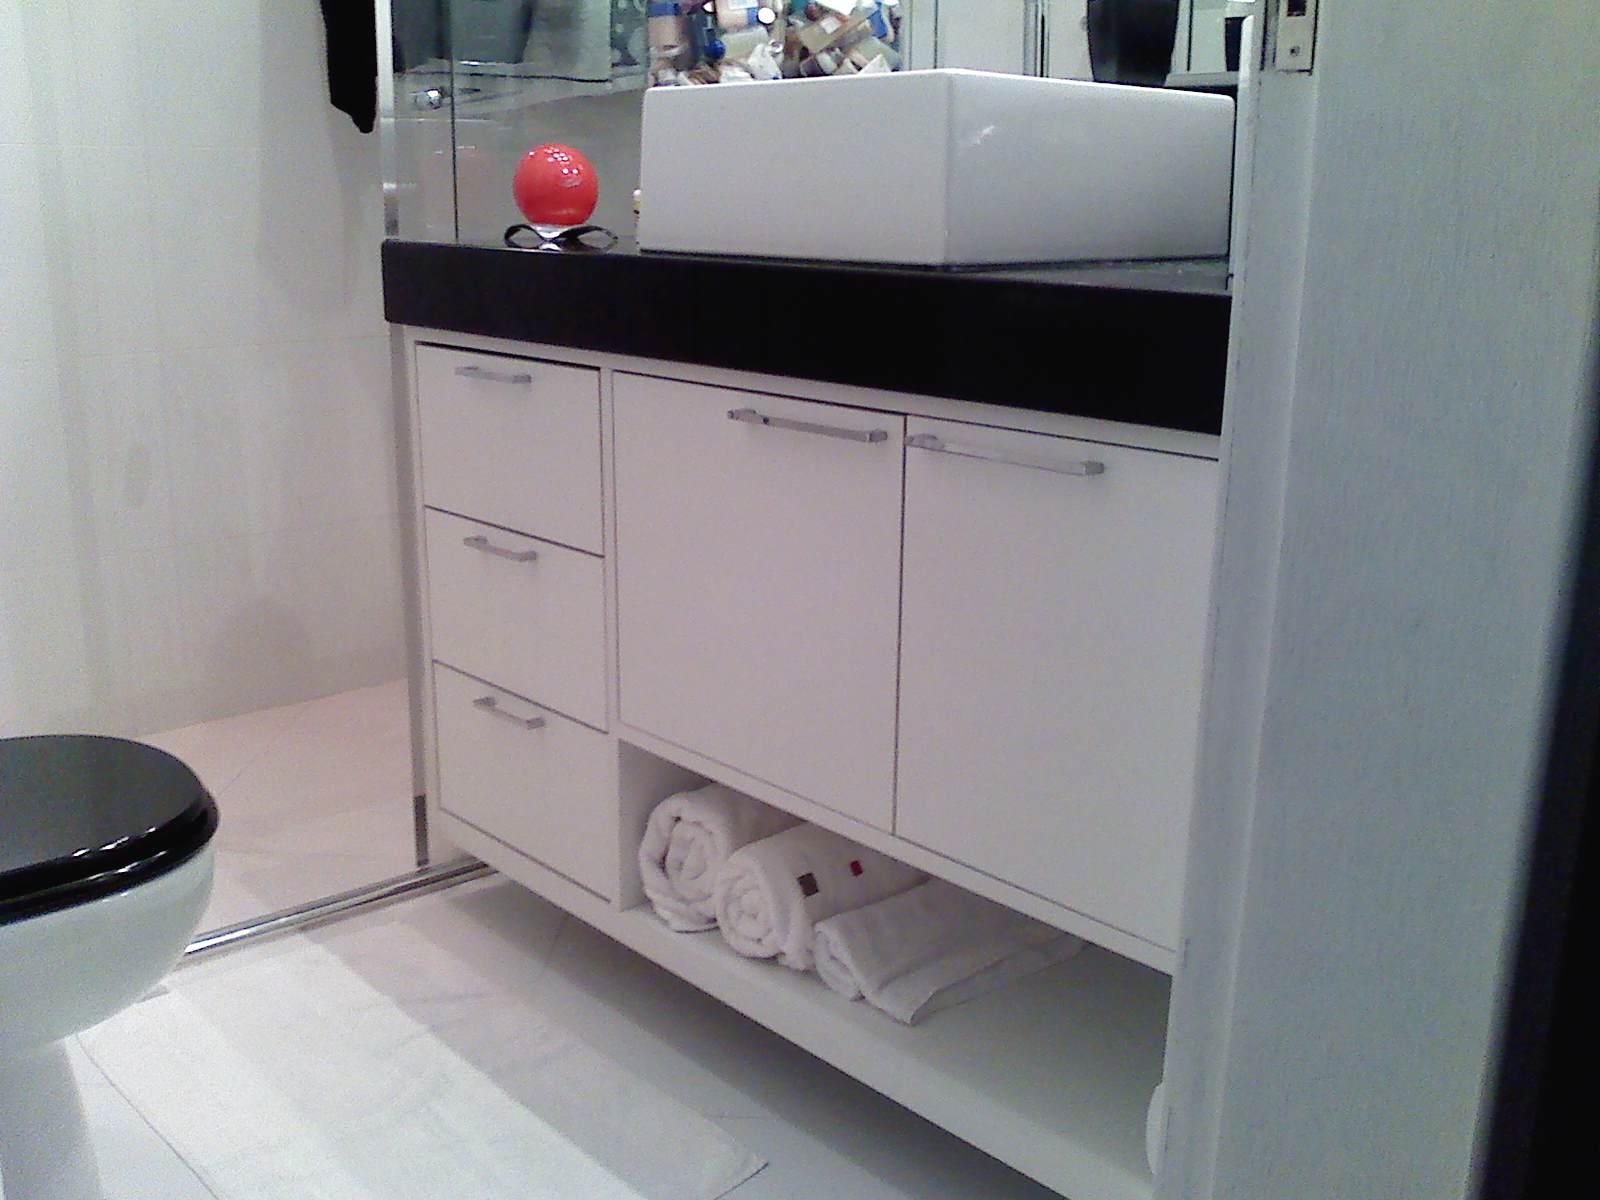 Brodt Tudo em Móveis Sob Medida: Balcão de Banheiro #4E5B62 1600x1200 Armario Banheiro Sob Medida